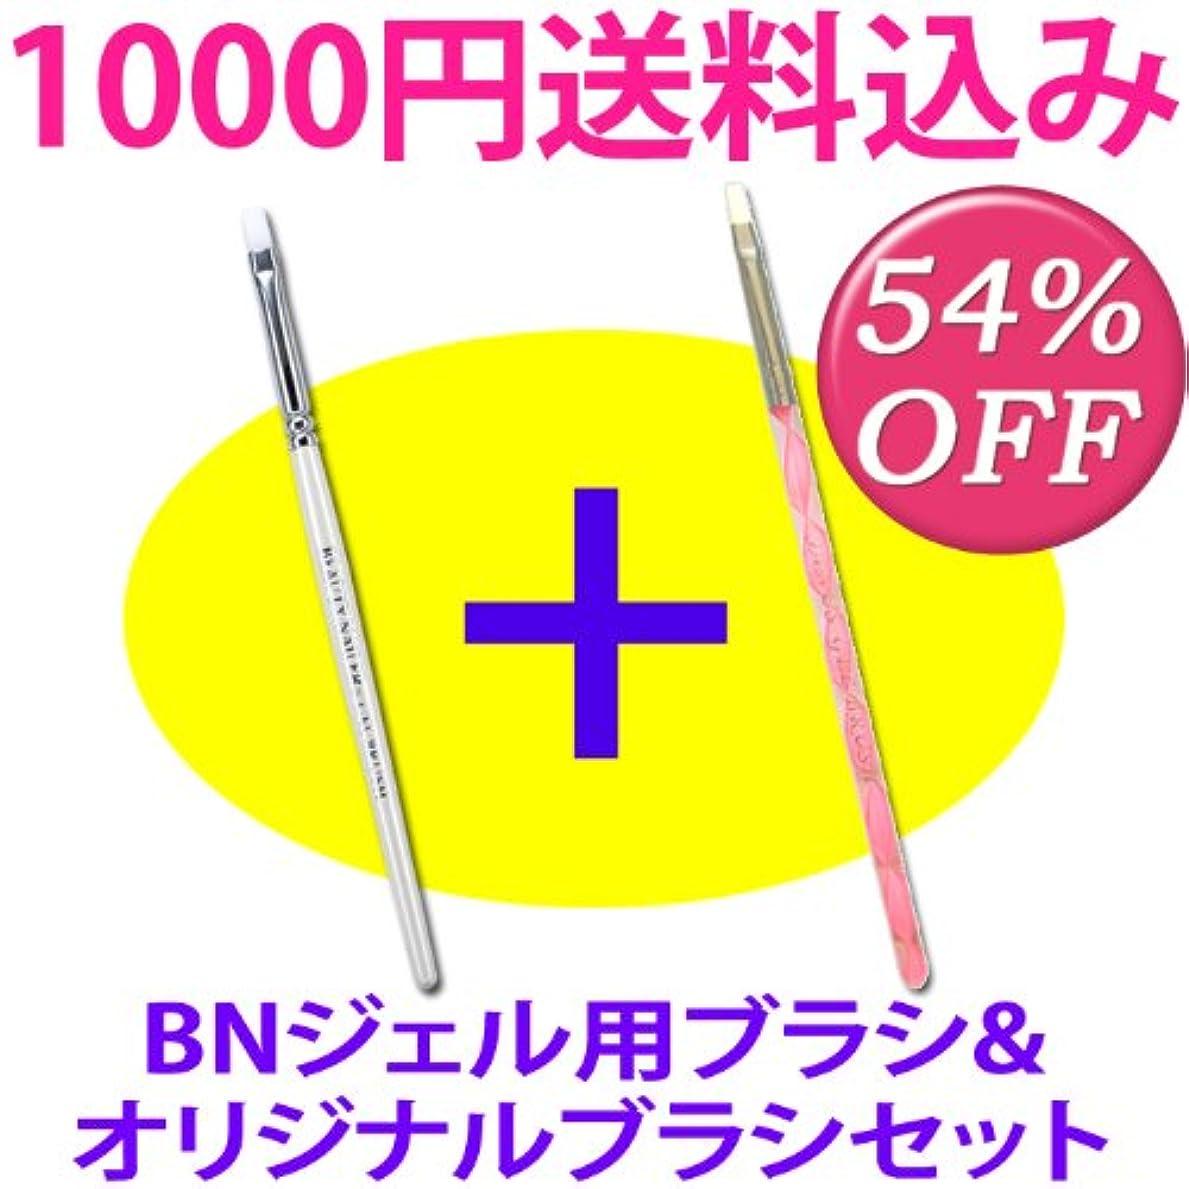 手配するトンネル不当ビューティーネイラー BNジェルネイル専用ブラシ+オリジナルジェルネイル専用ブラシセット (GNB+brush-set)